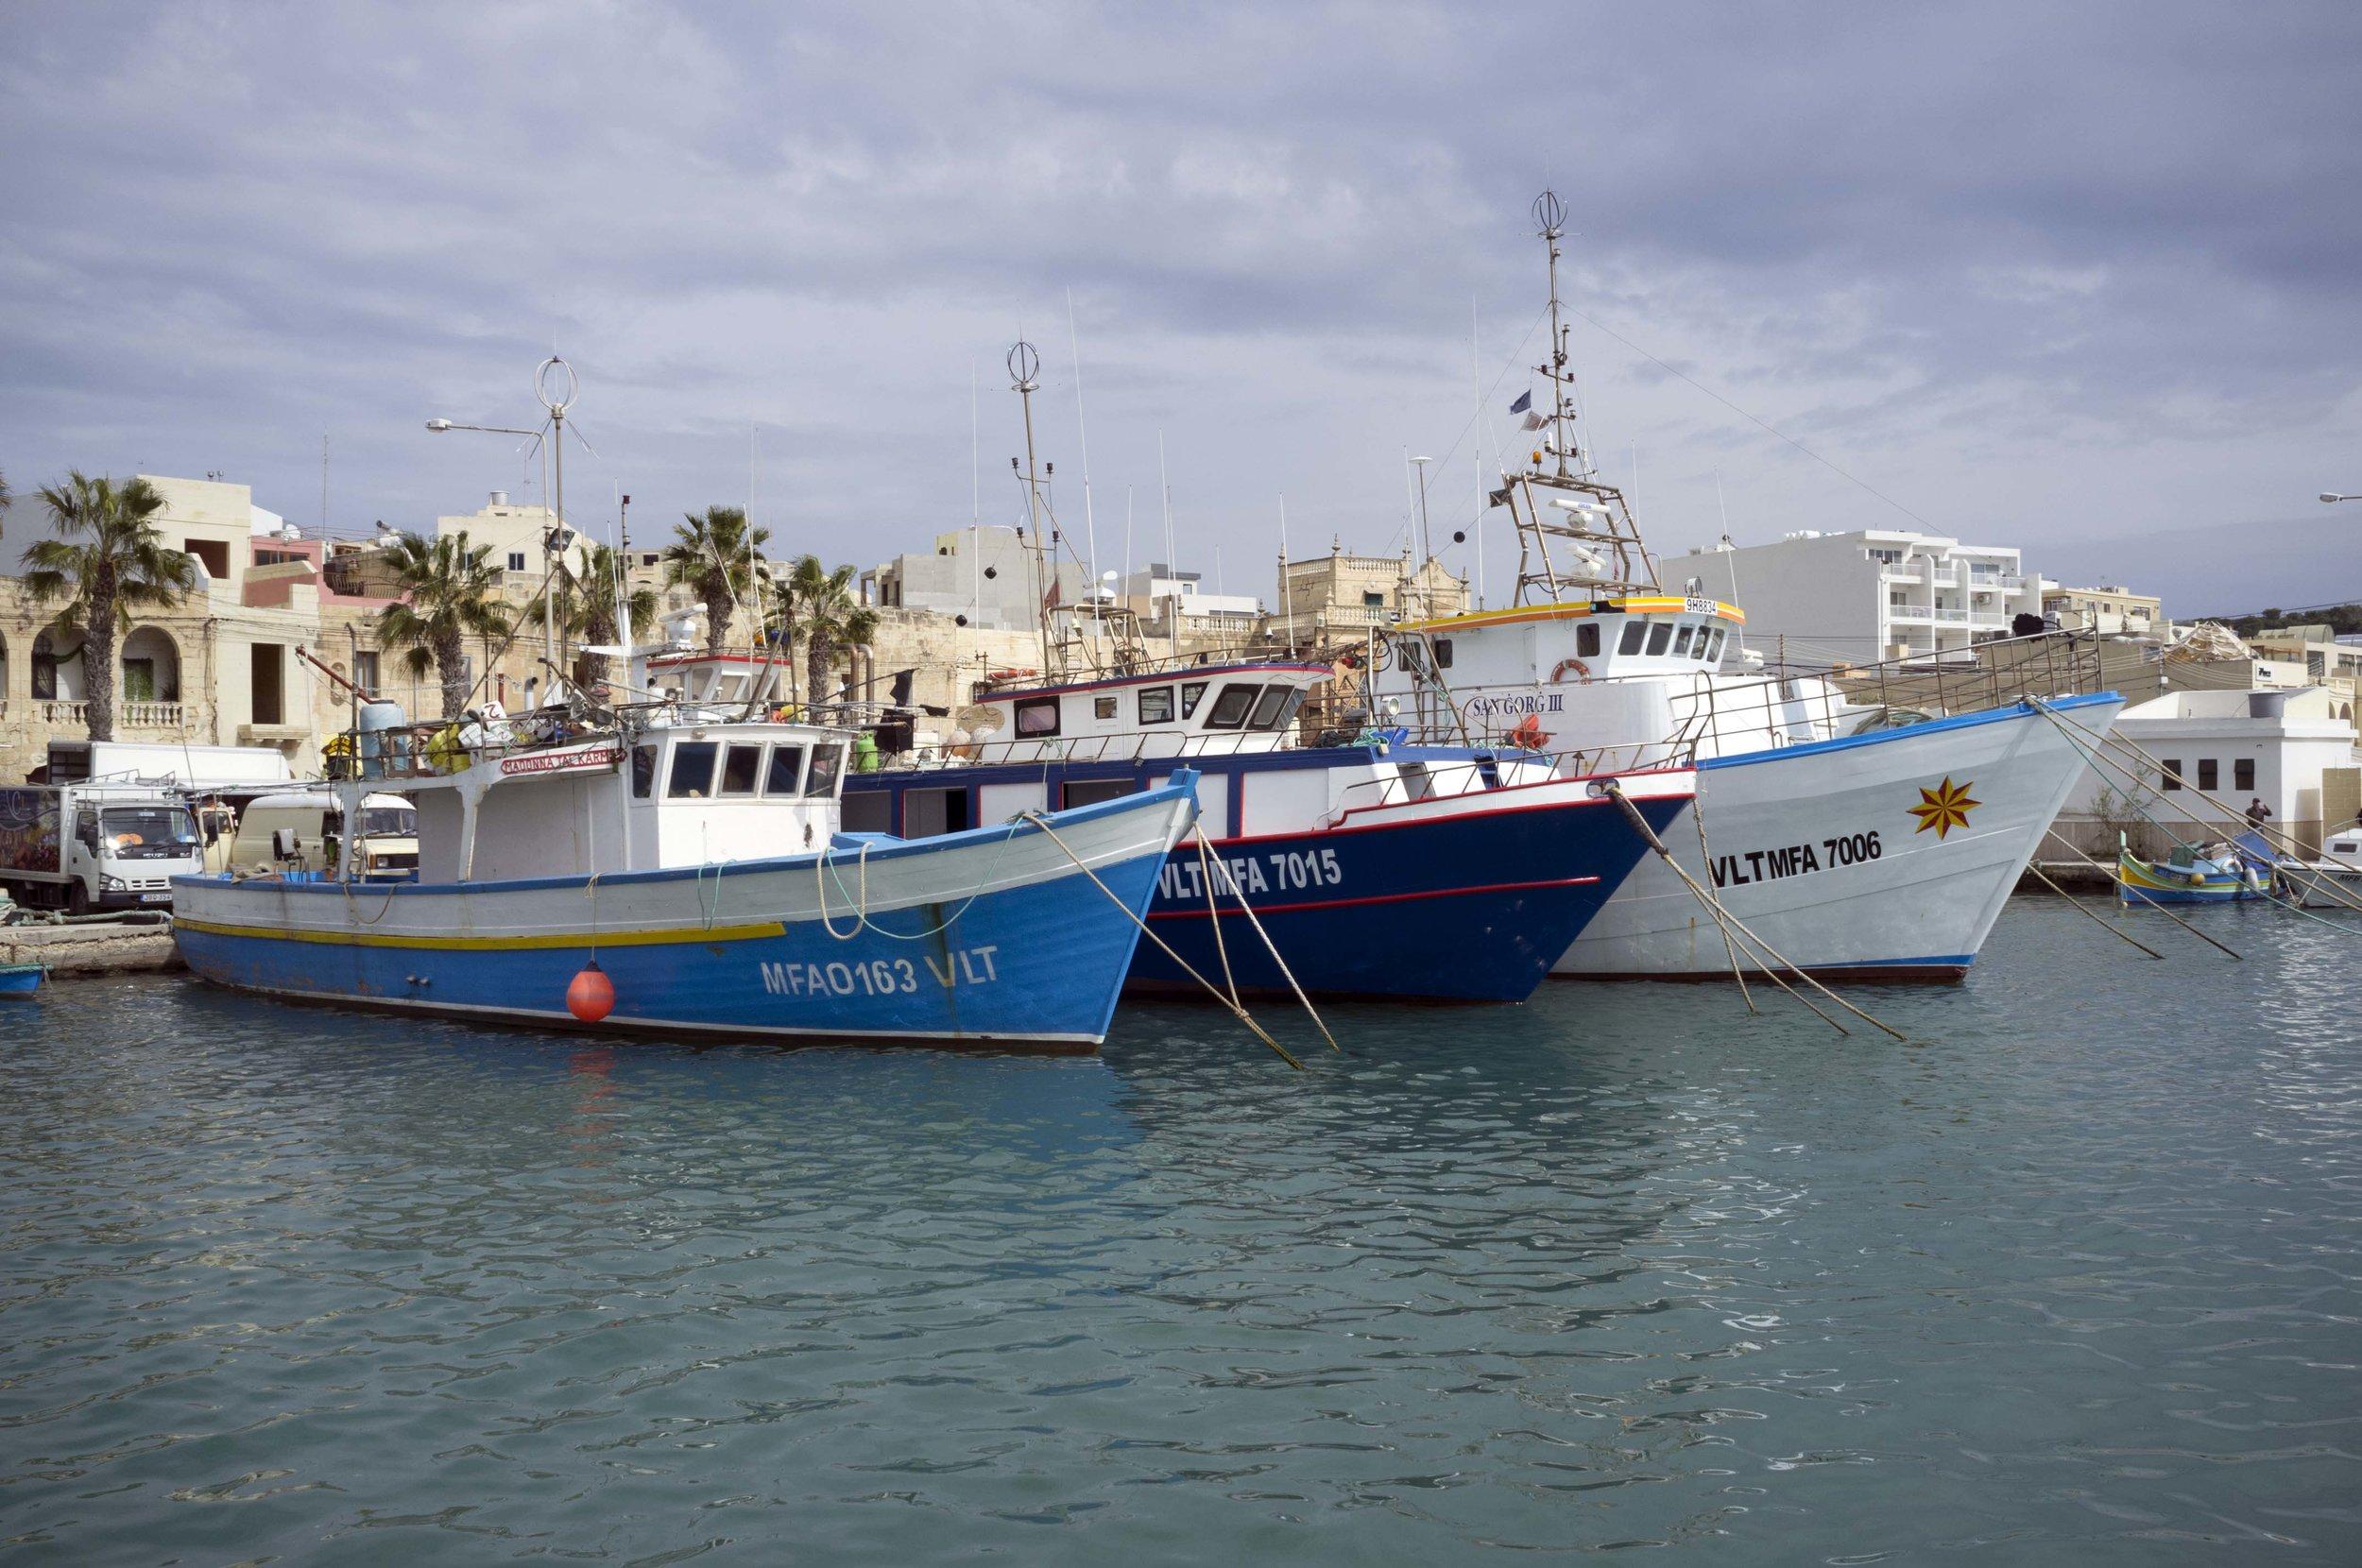 20180218 Marchaxlock fish trawlers 2.jpg